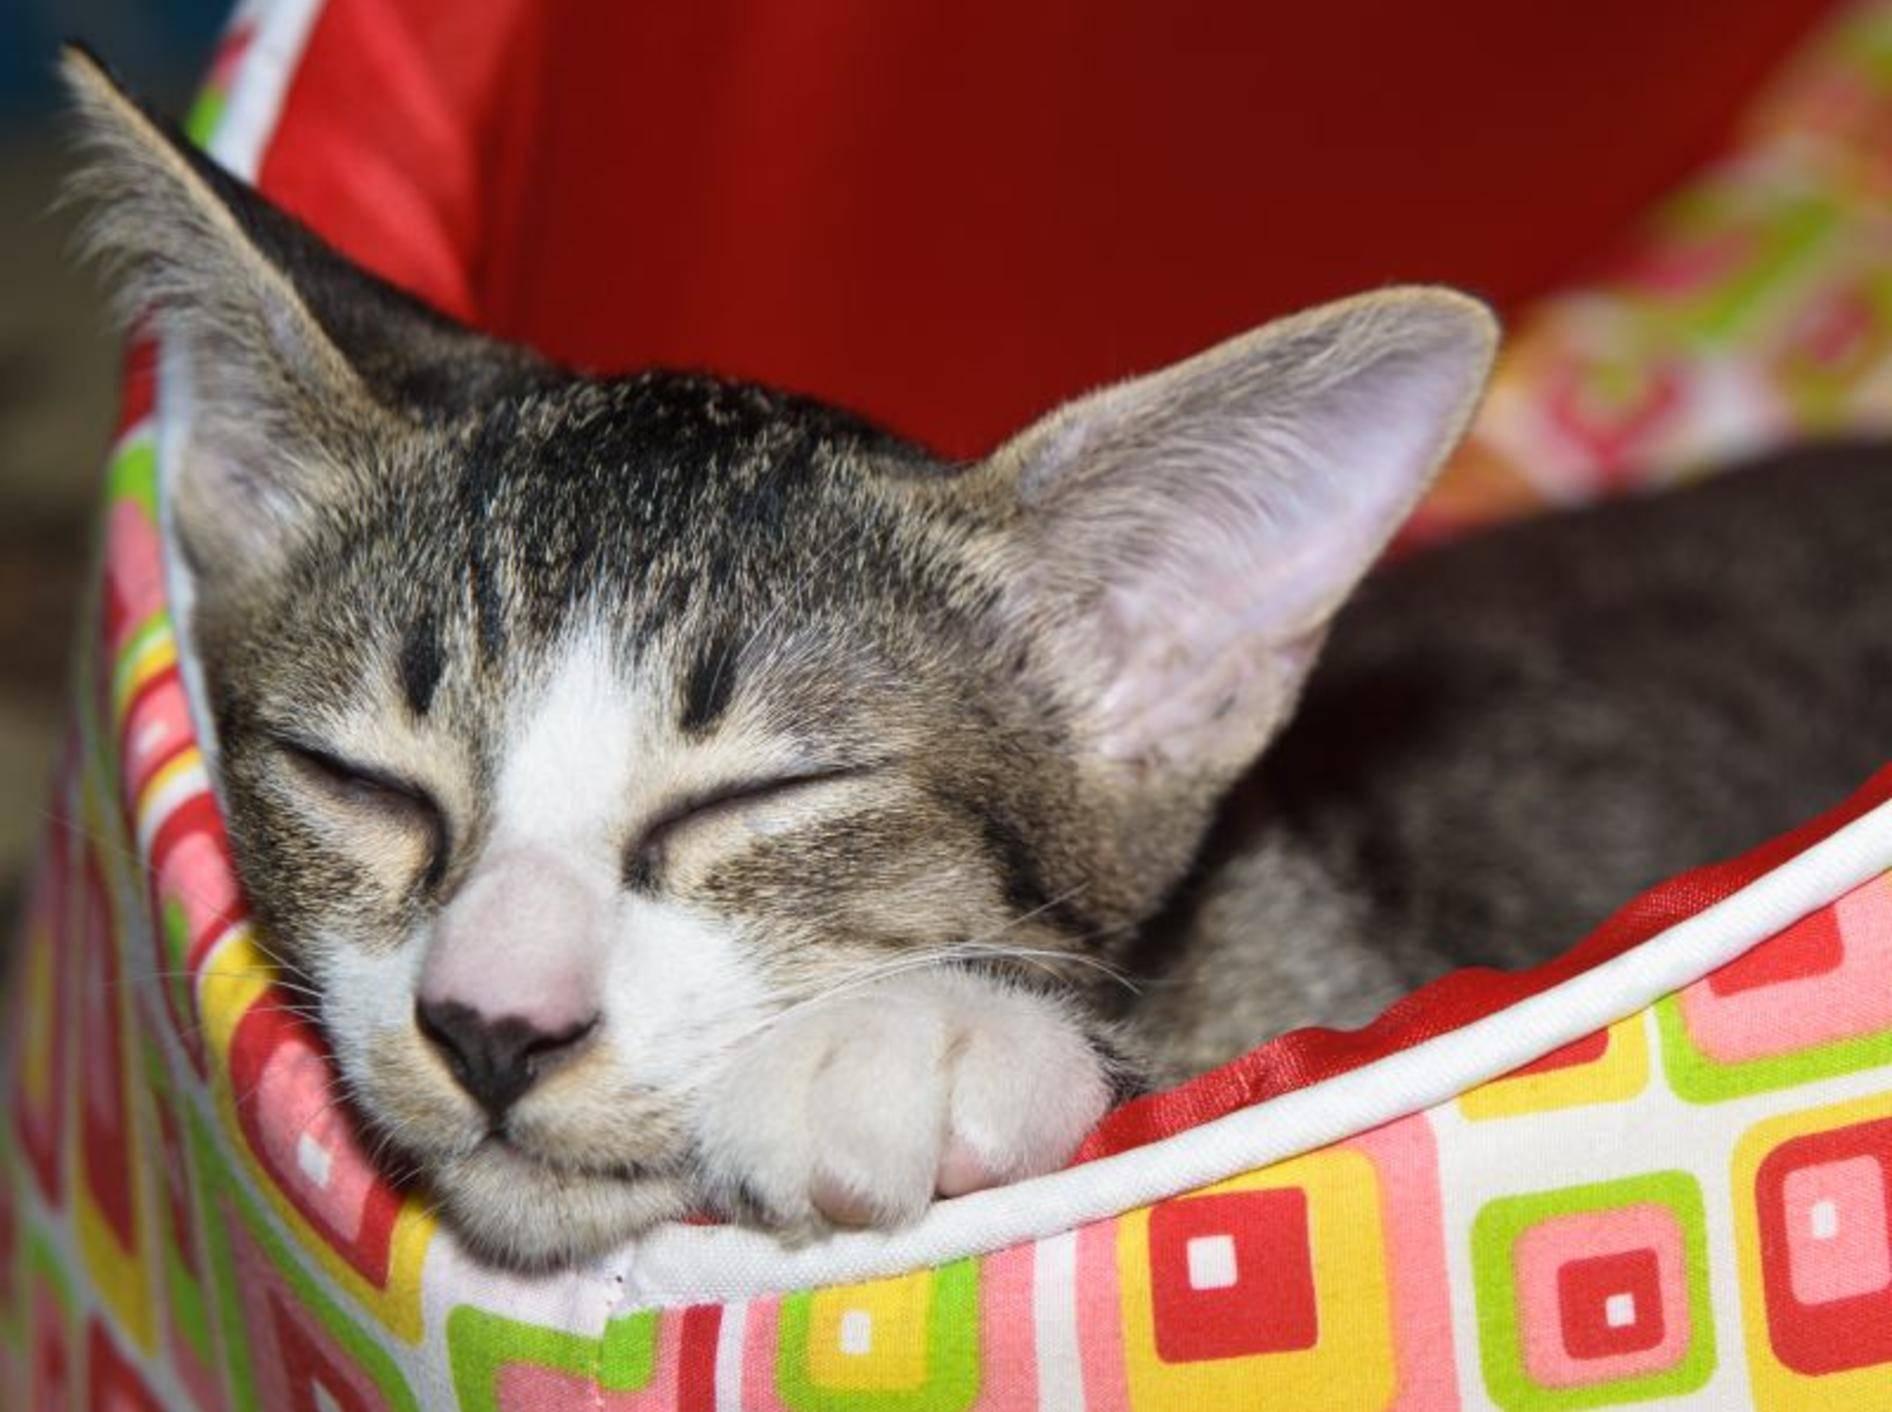 Die kuscheligsten Katzenbetten – Bild: Shutterstock / JeepFoto